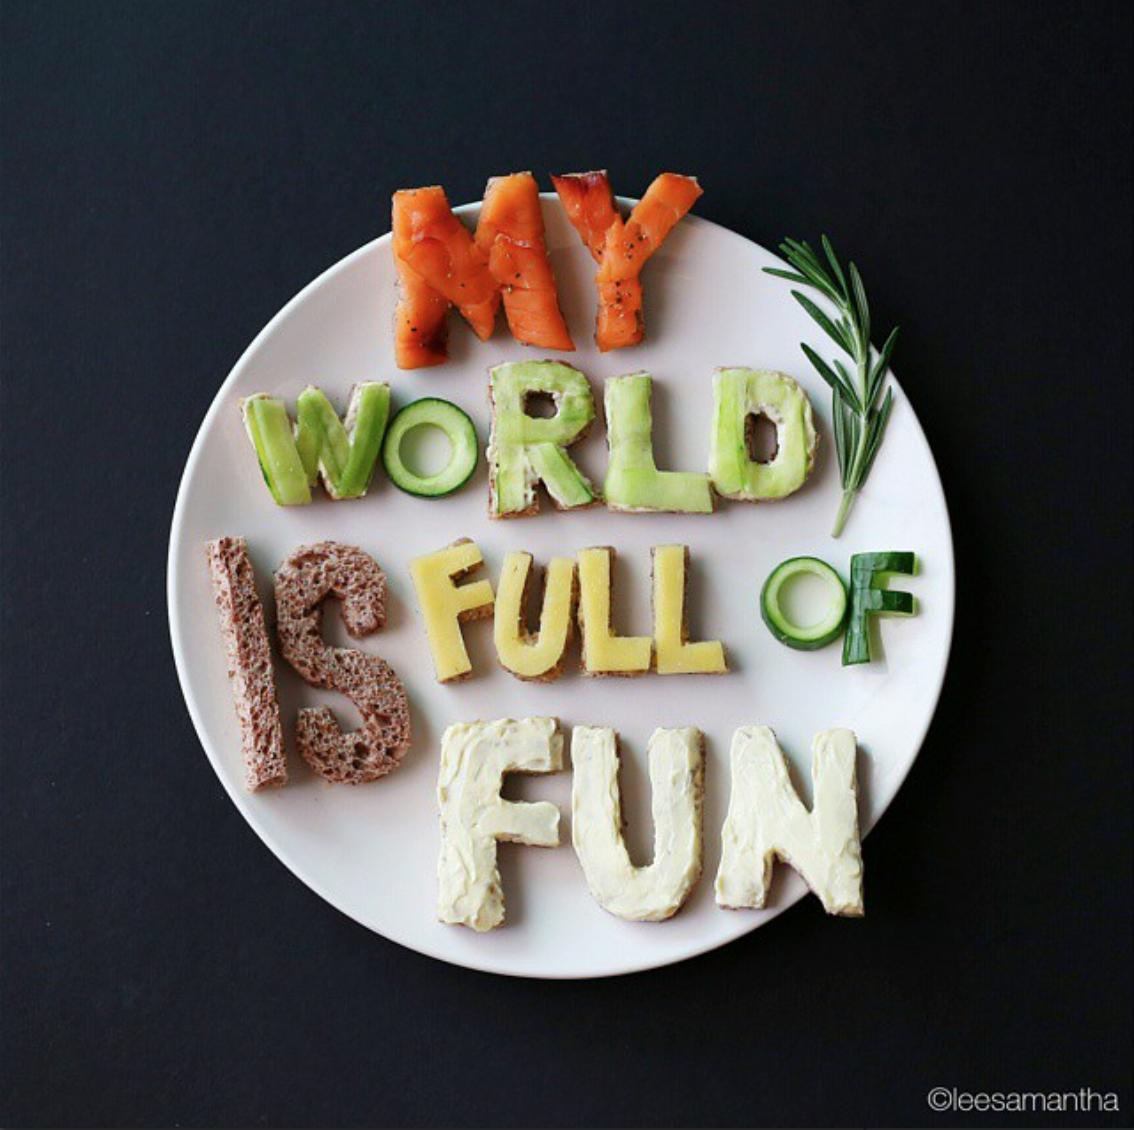 My World is Full of Fun!